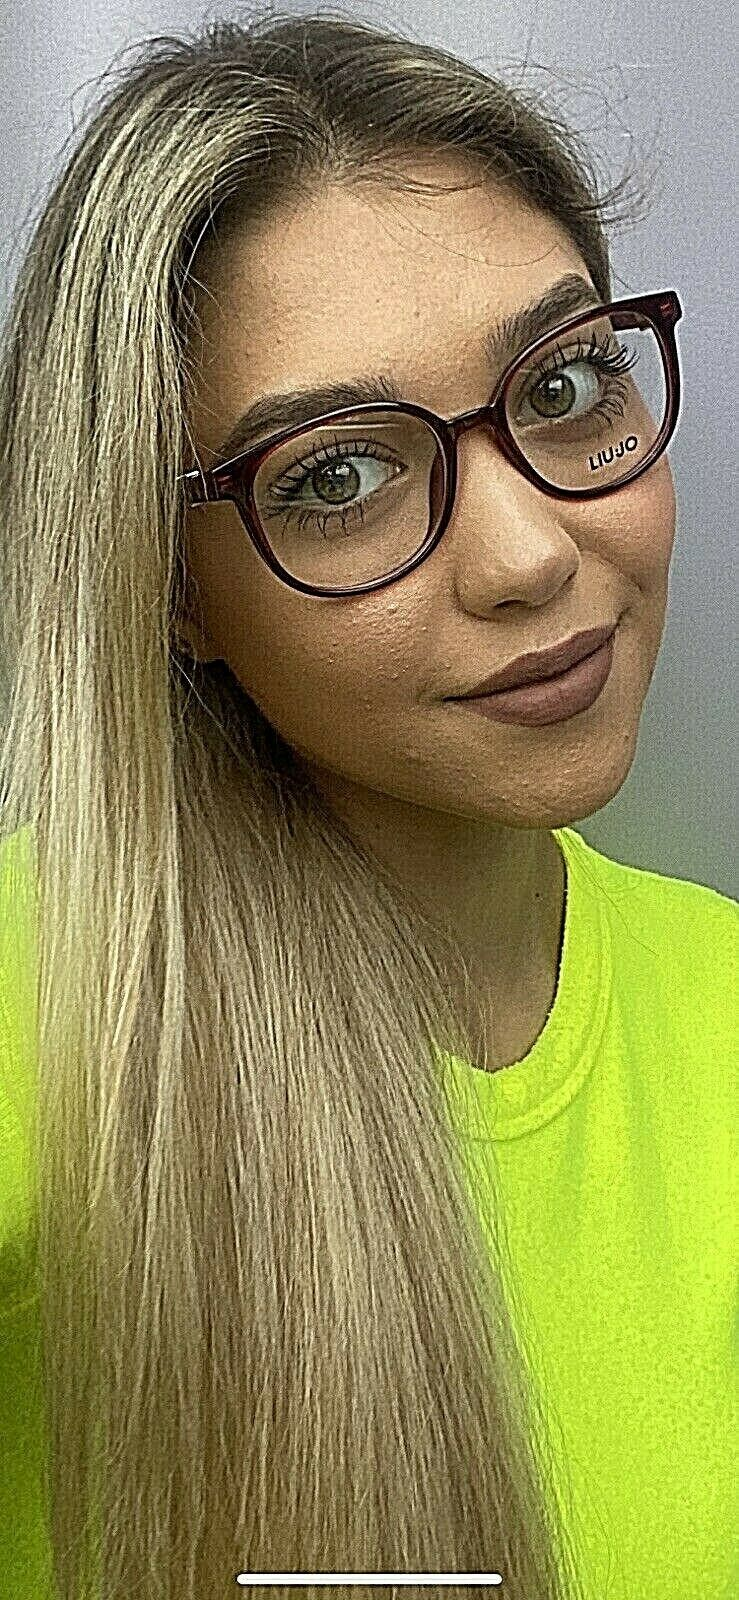 New LIU JO LJ 2632 LJ2632 604 Burgundy 50mm Round Women's Eyeglasses Frame  - $99.99